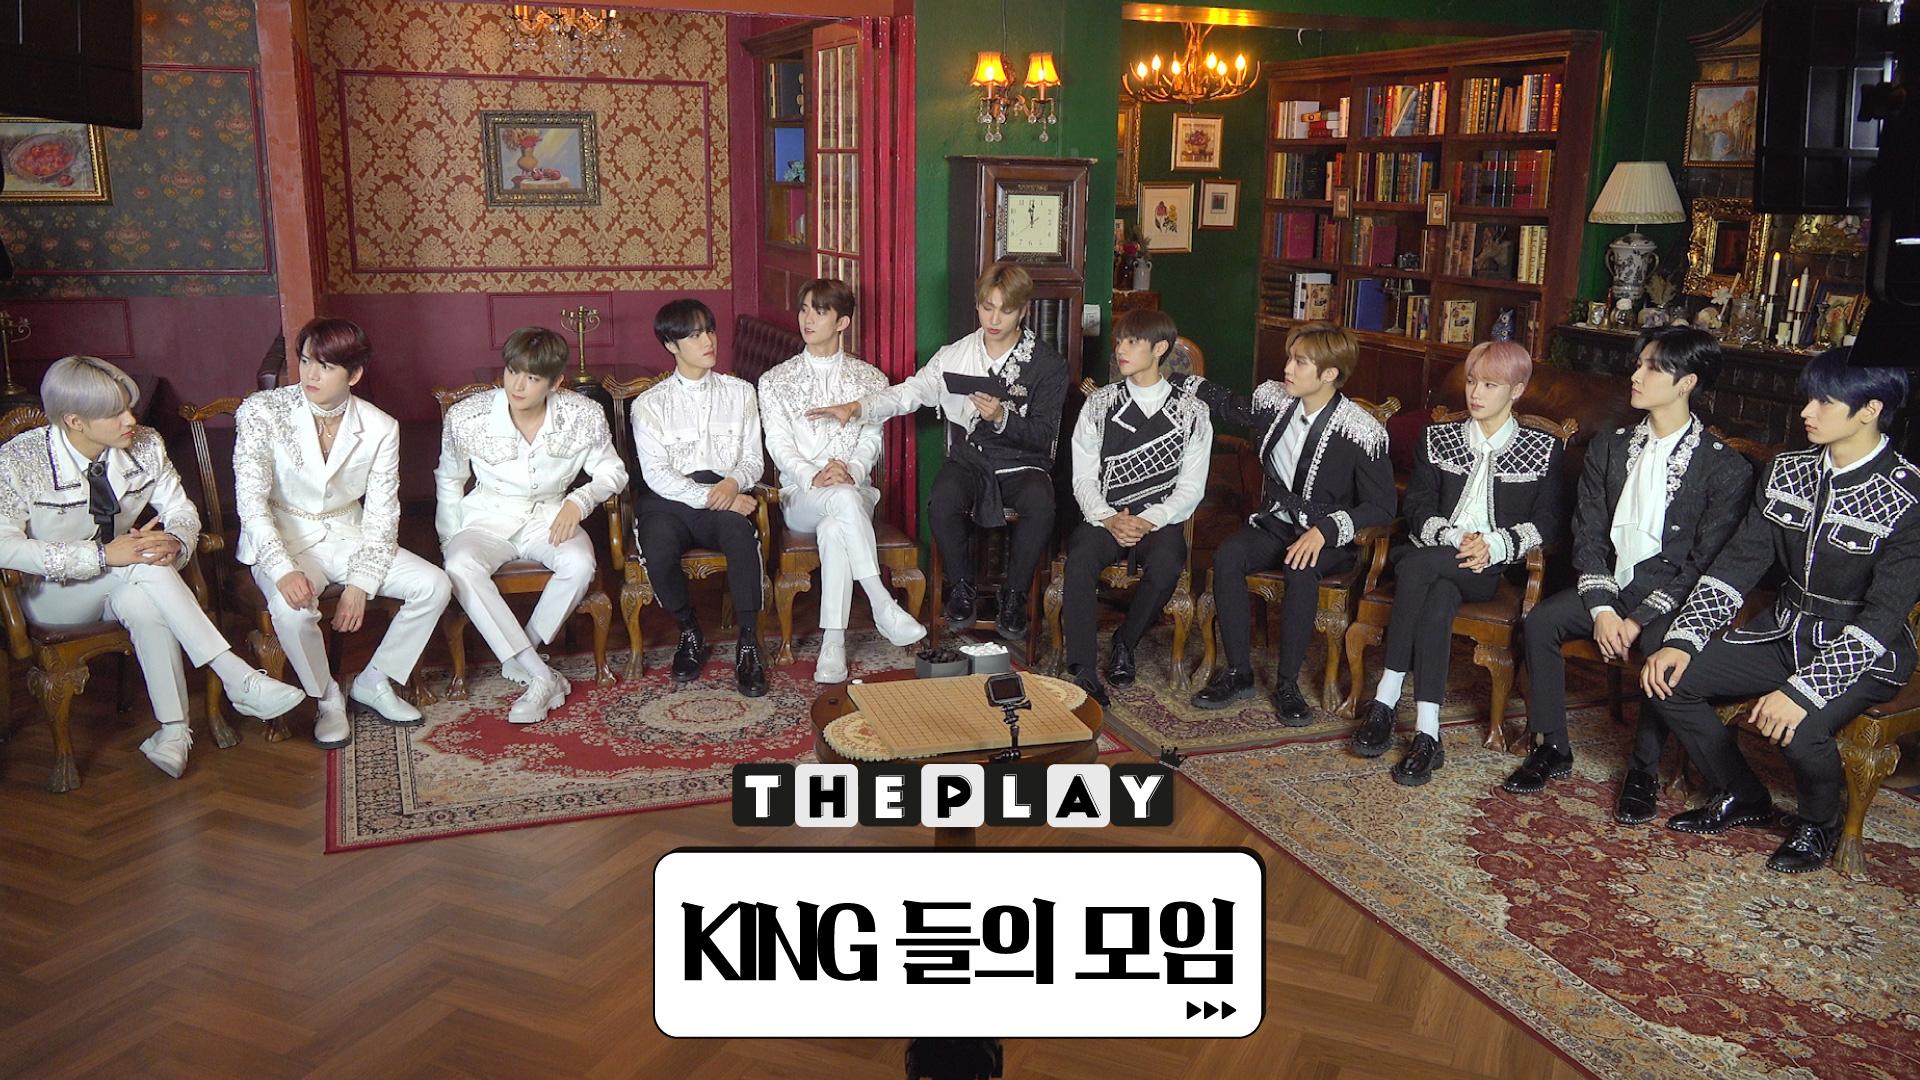 [덥:플레이(THE PLAY)] 더보이즈(THE BOYZ) 킹들의 모임 EP.1